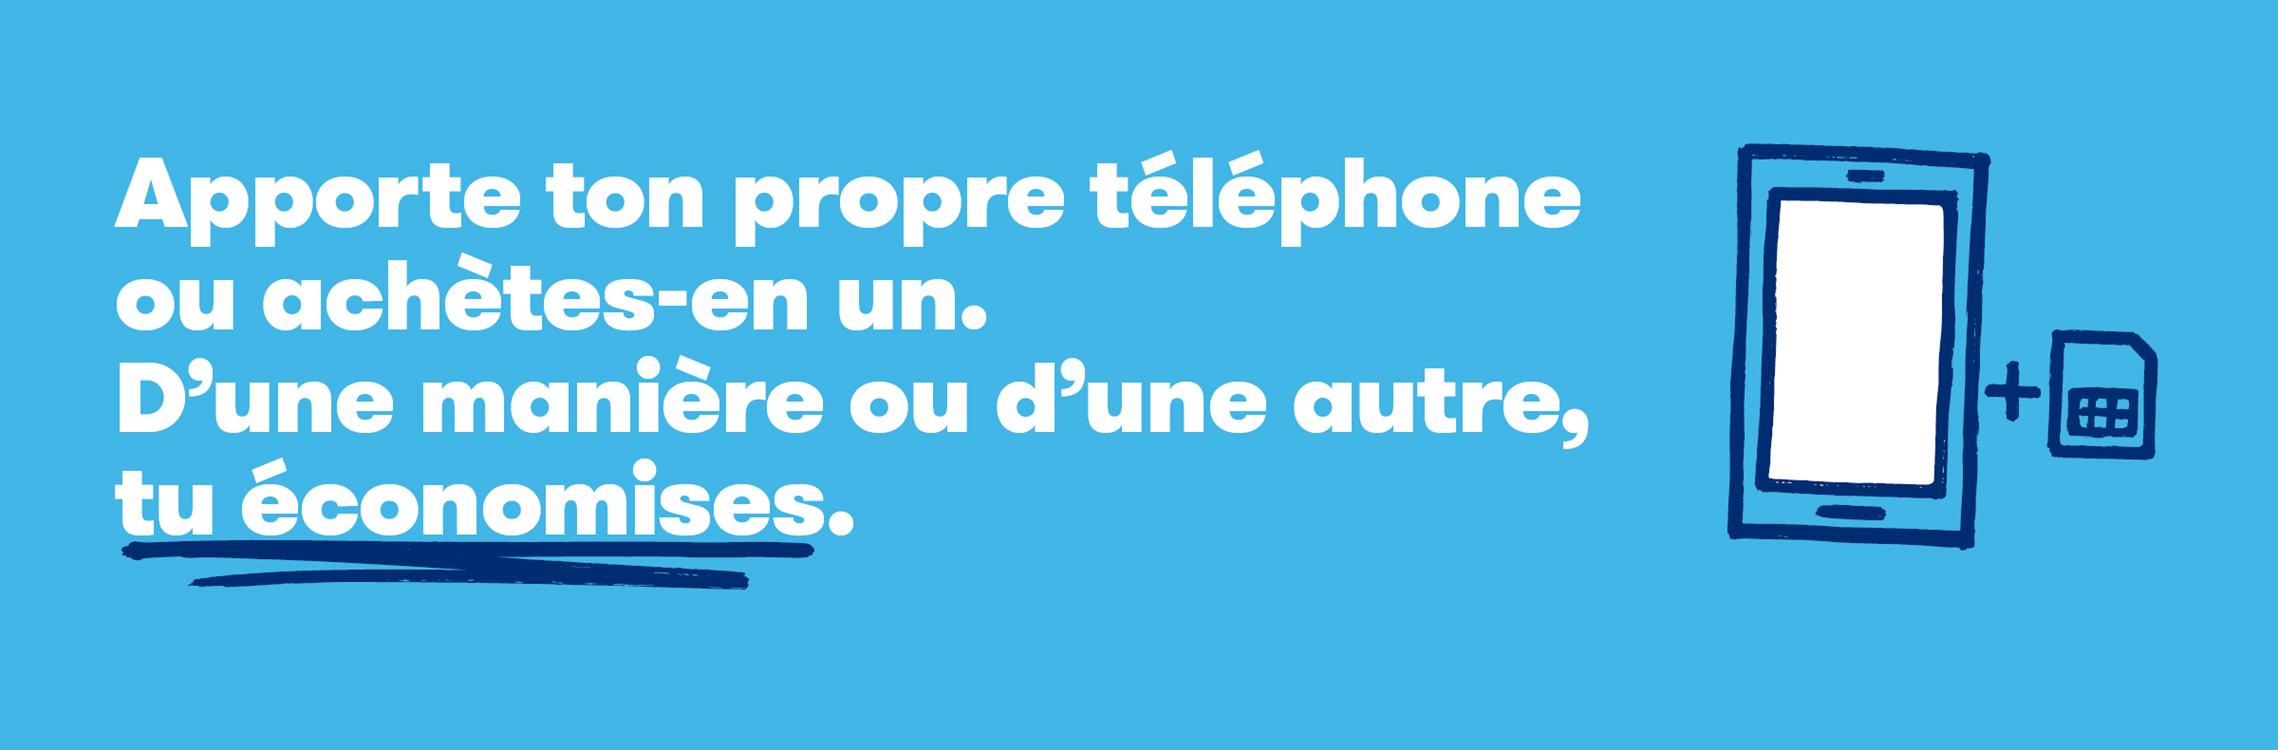 Apporte ton propre téléphone ou achètes-en un. D'une manière ou d'une autre, tu économises.